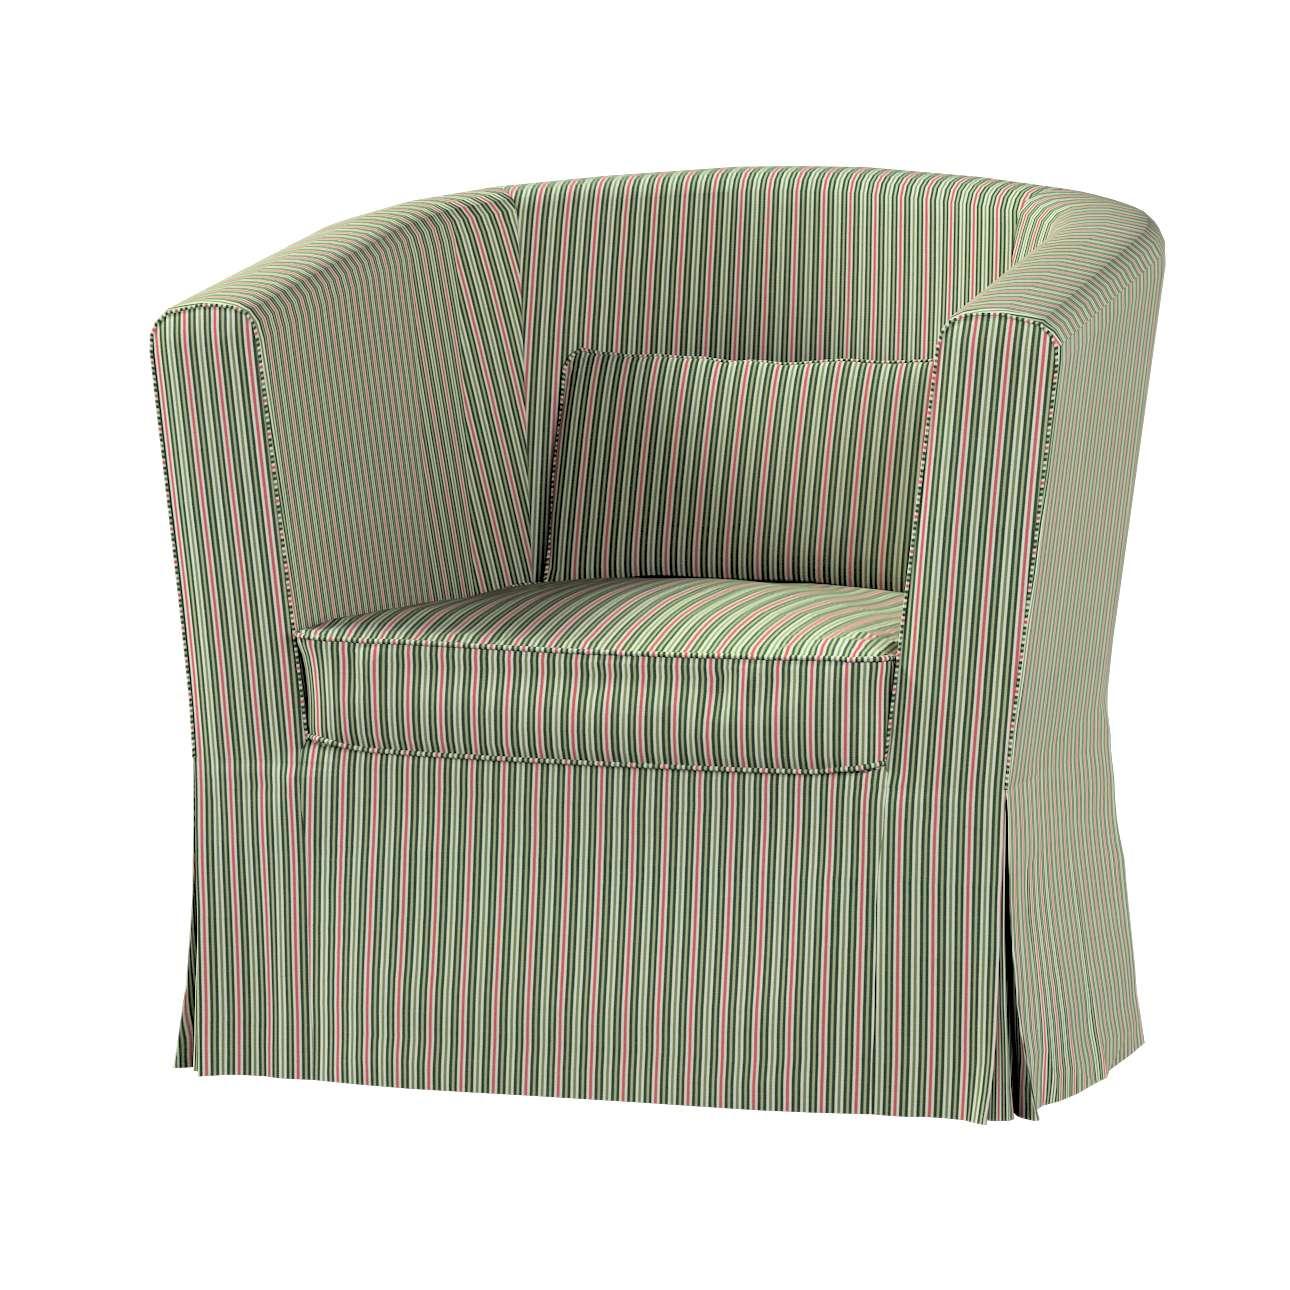 Pokrowiec na fotel Ektorp Tullsta w kolekcji Londres, tkanina: 143-42